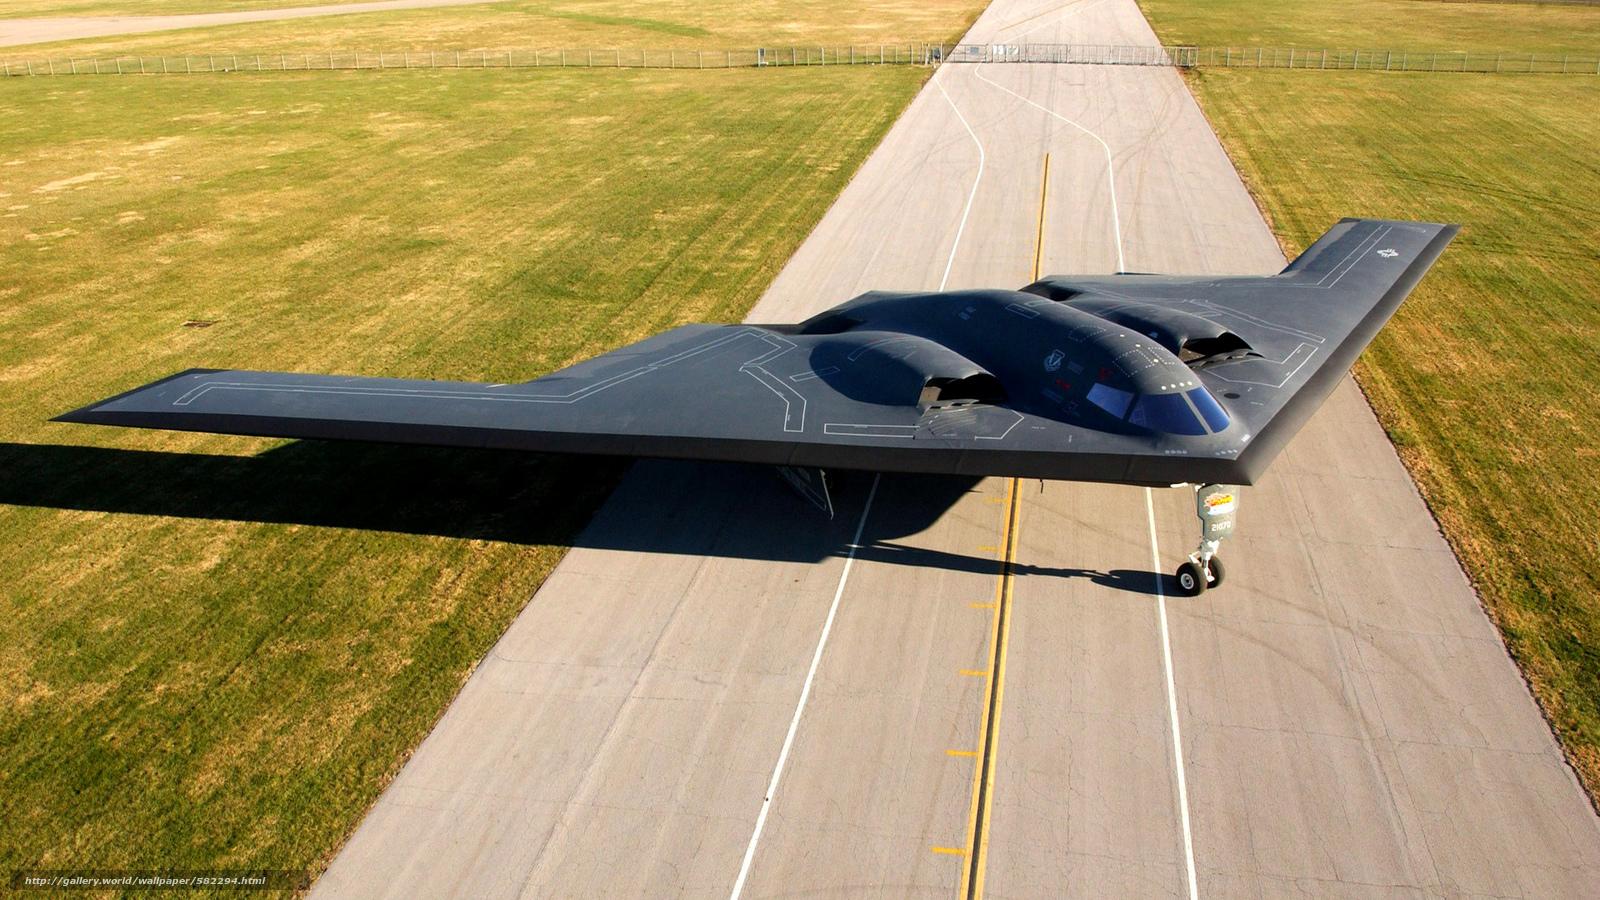 Скачать обои бомбардировщик,  аэродром бесплатно для рабочего стола в разрешении 1920x1080 — картинка №582294